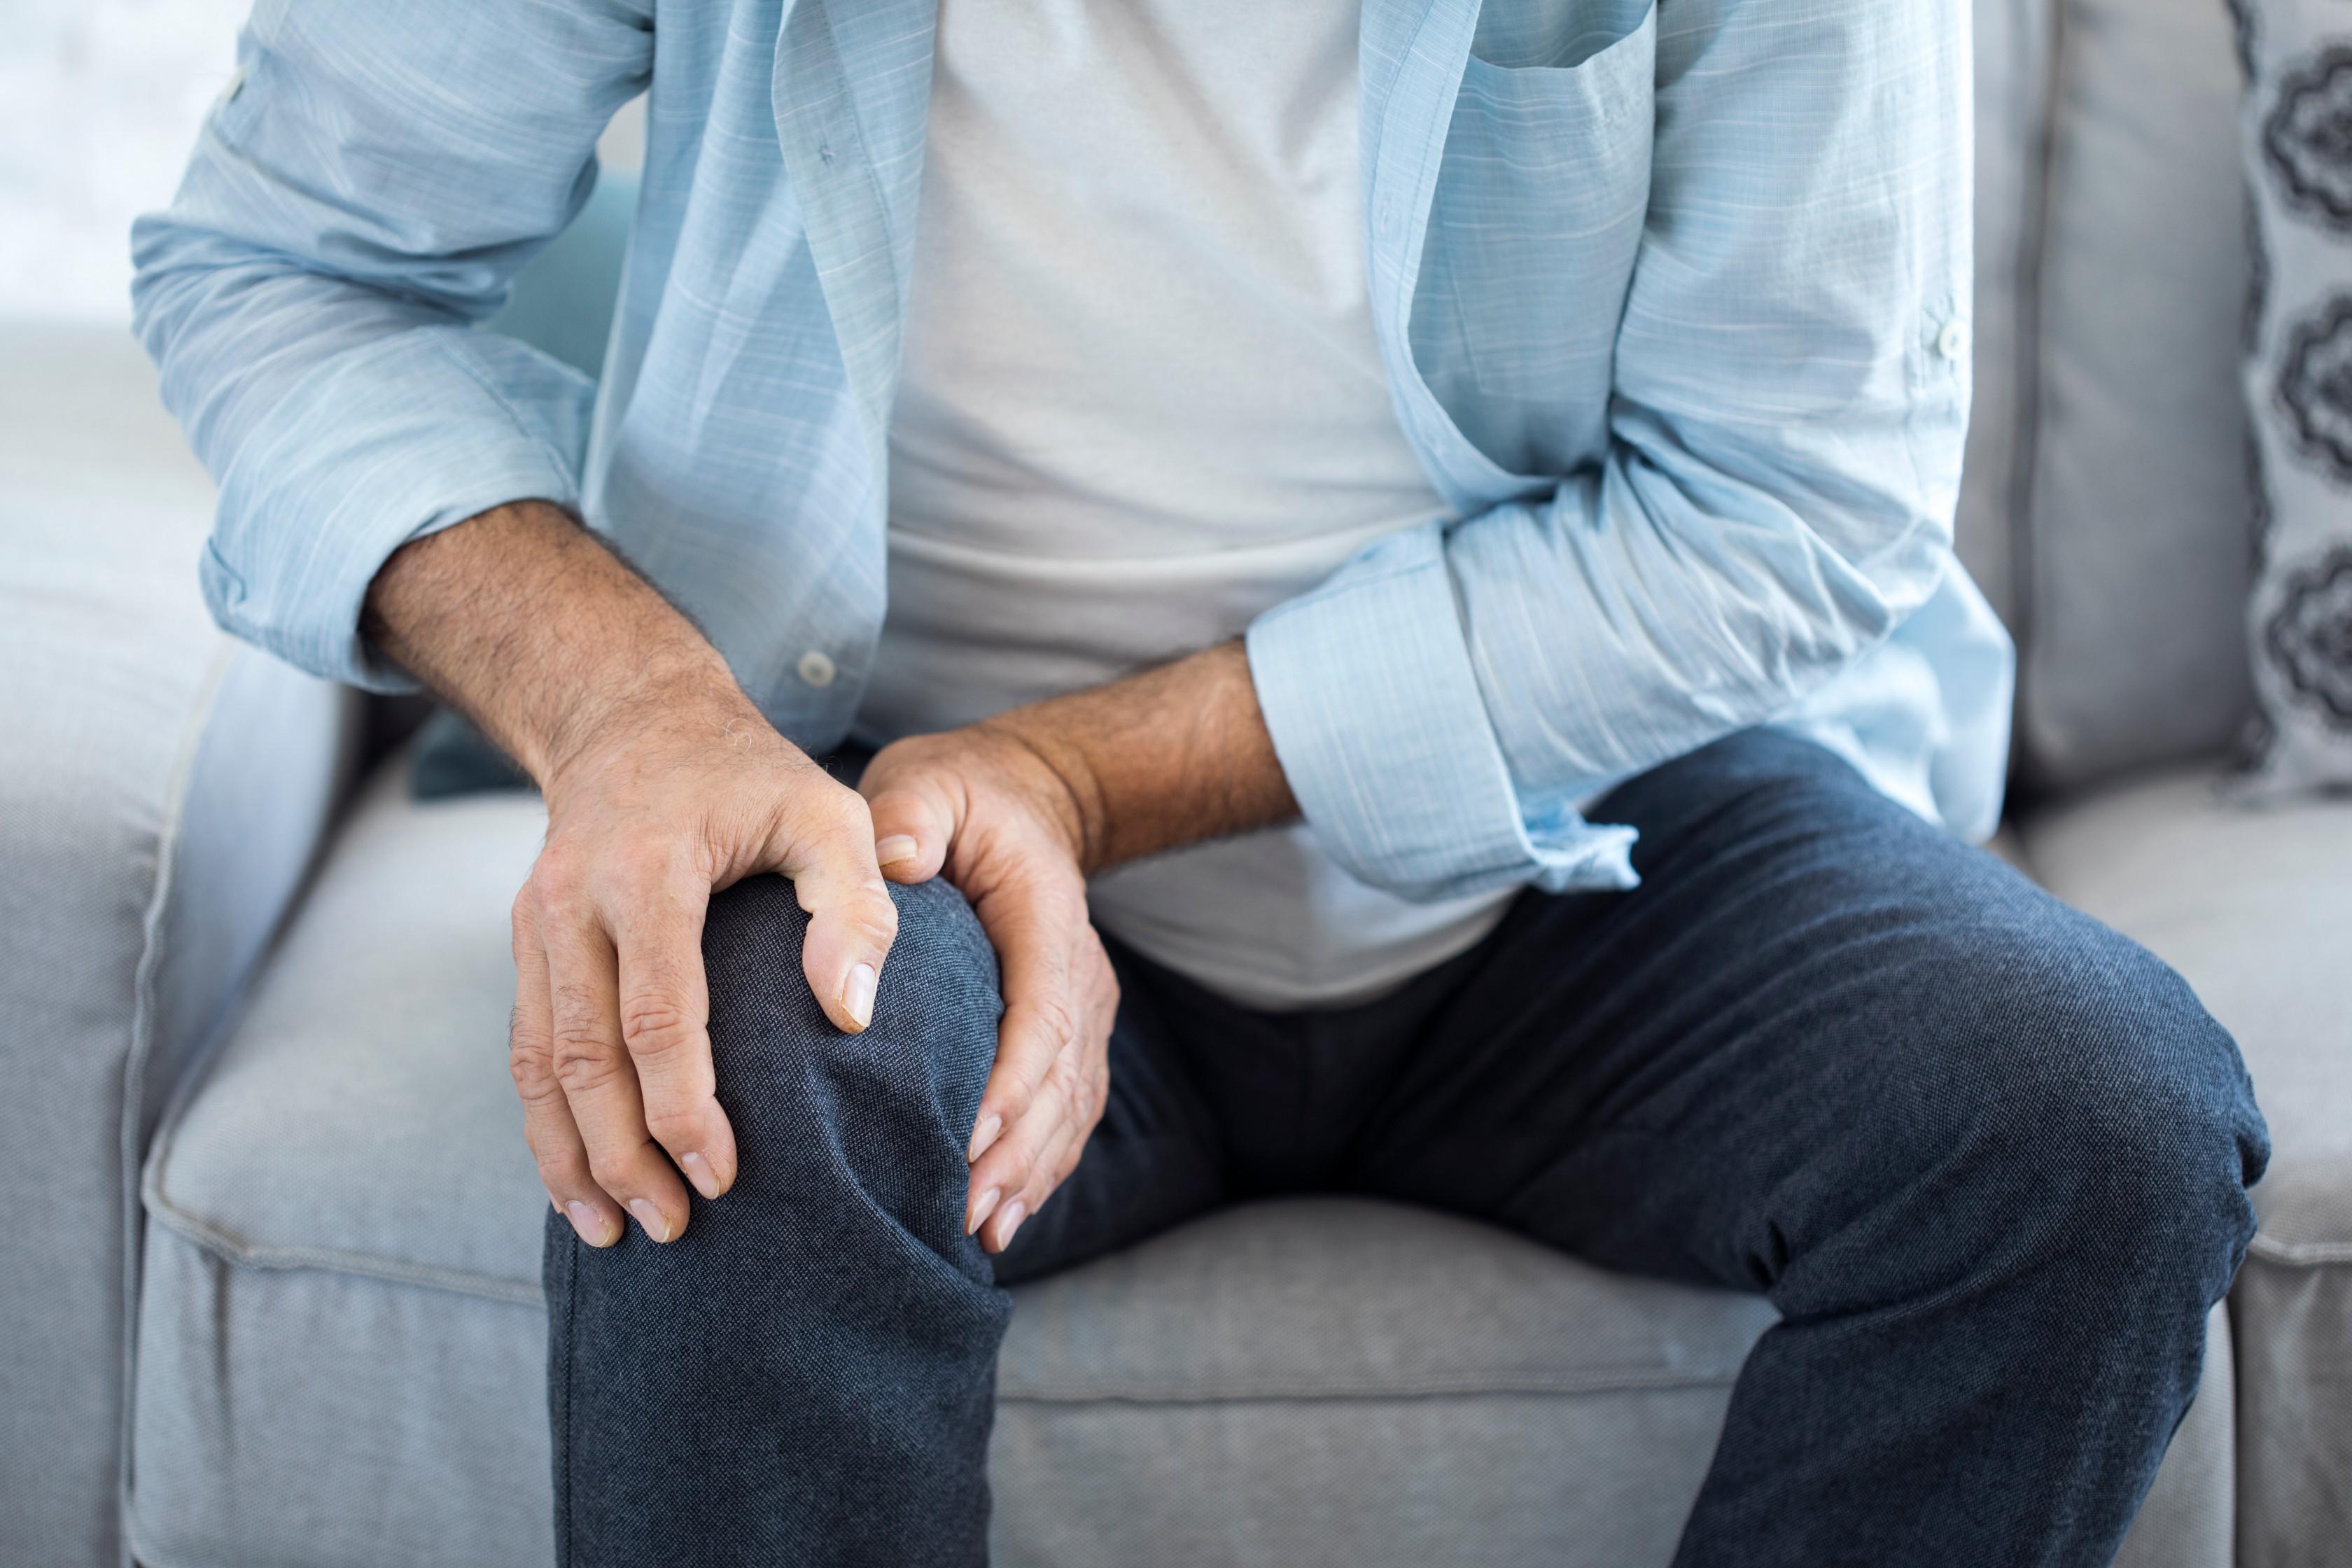 fájdalom és merevség a lábak ízületeiben